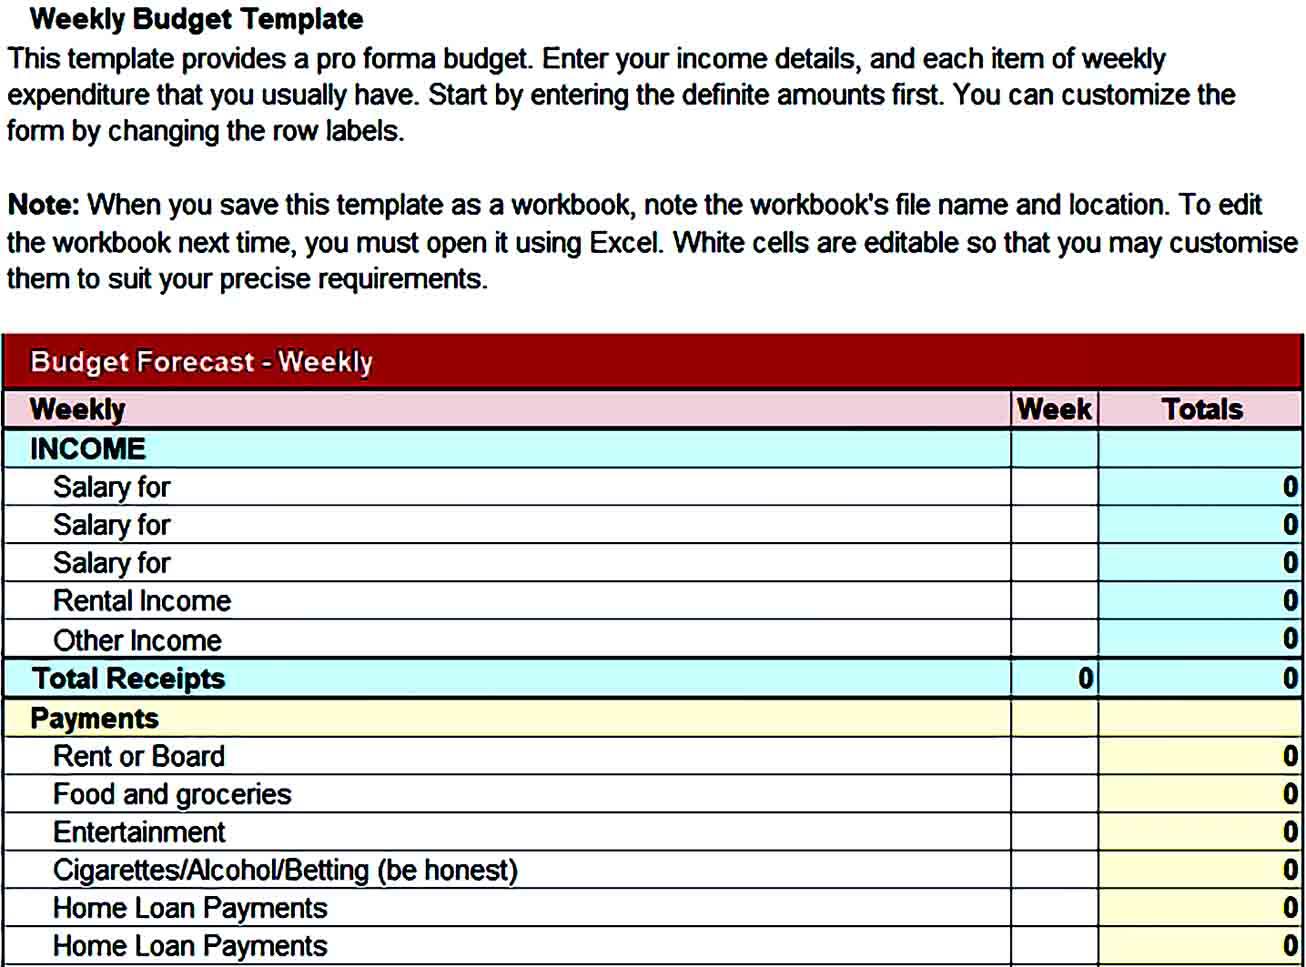 Sample Weekly Budget Printables